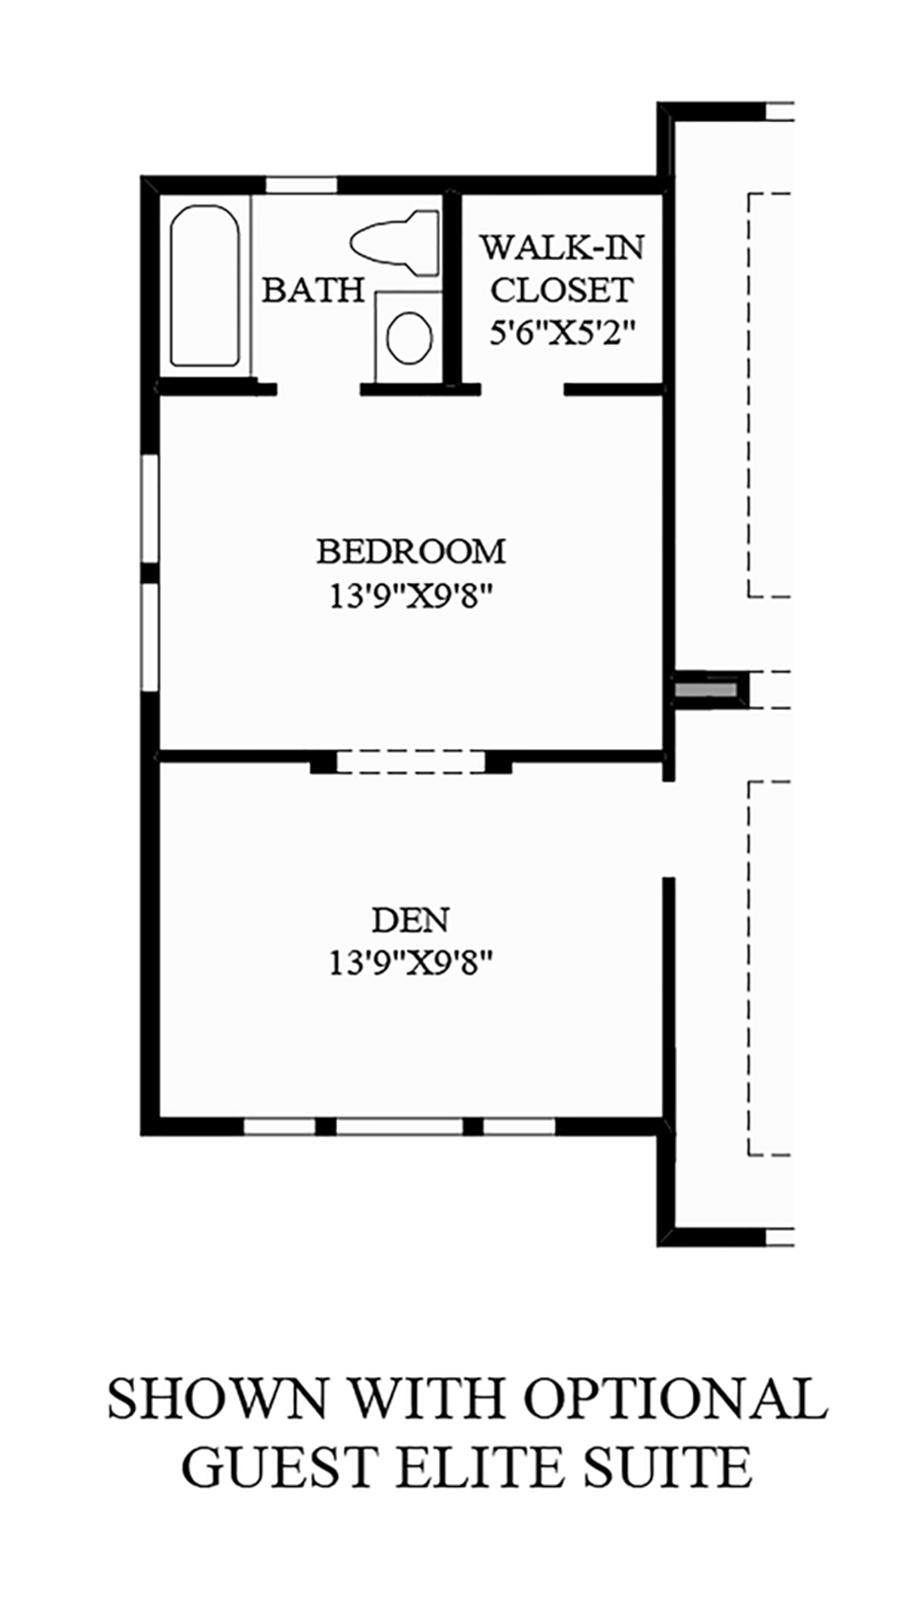 Optional Guest Elite Suite Floor Plan